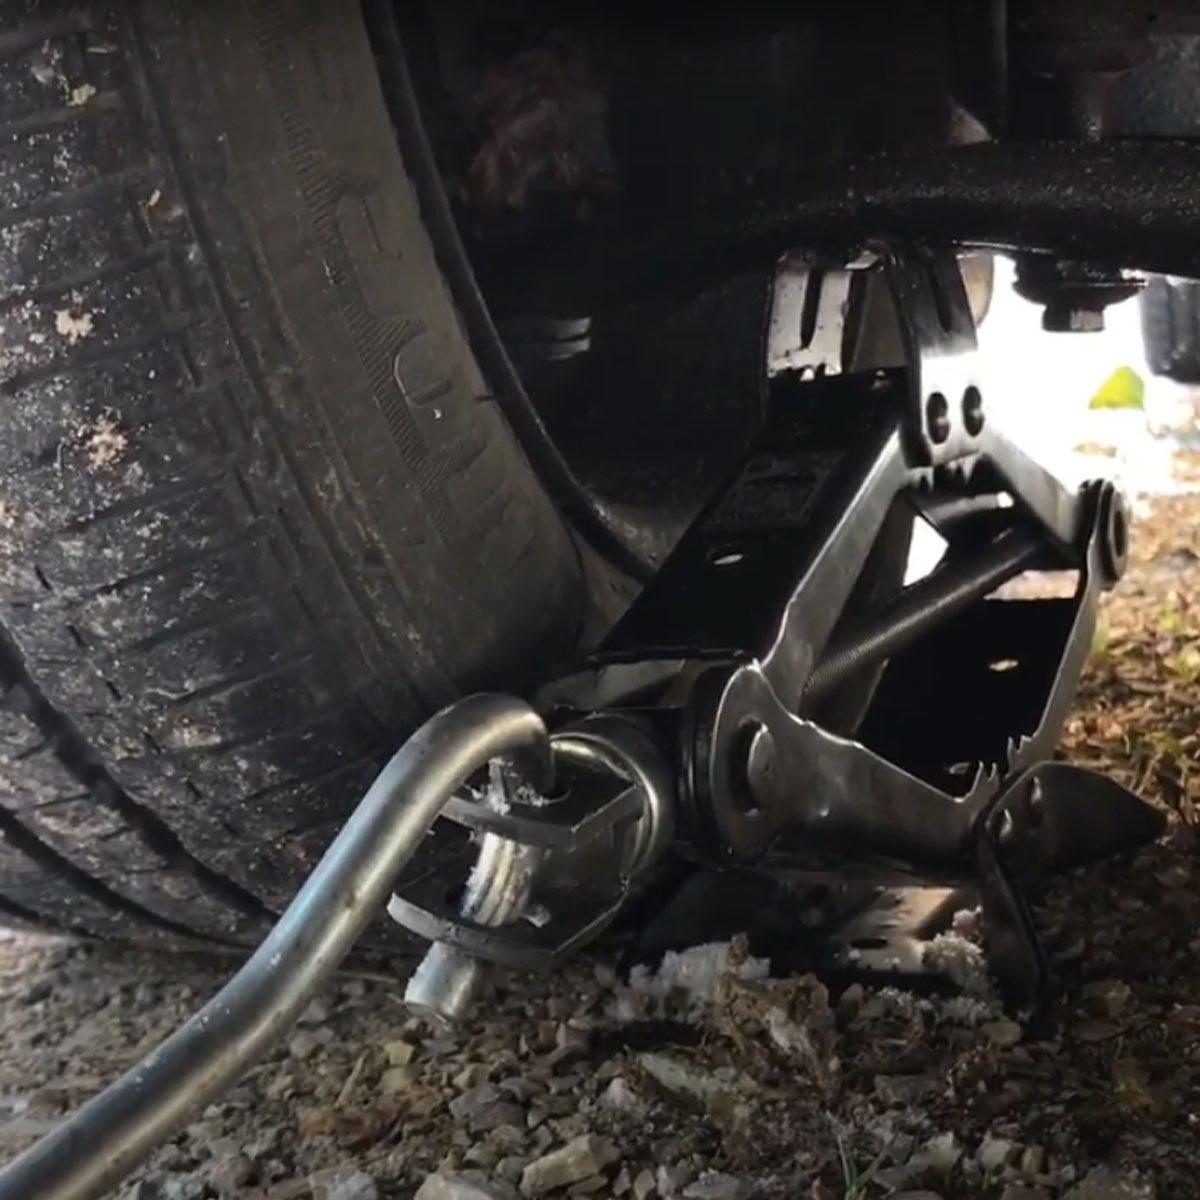 Prepare to remove wheels